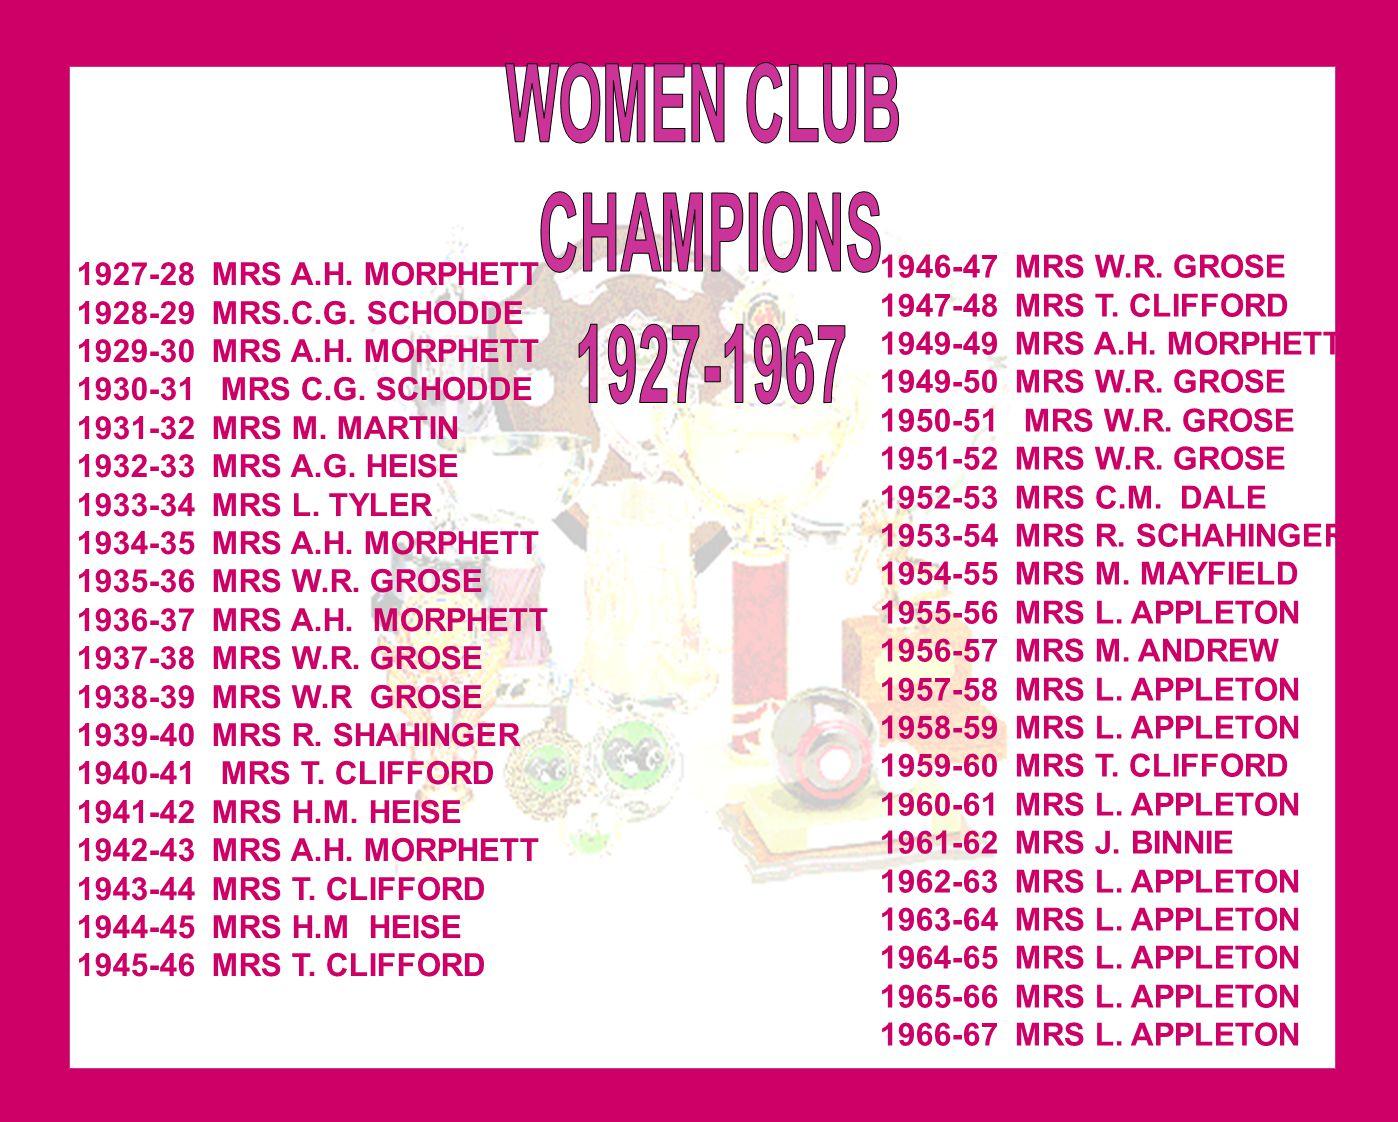 1927-28 MRS A.H. MORPHETT 1928-29 MRS.C.G. SCHODDE 1929-30 MRS A.H. MORPHETT 1930-31 MRS C.G. SCHODDE 1931-32 MRS M. MARTIN 1932-33 MRS A.G. HEISE 193